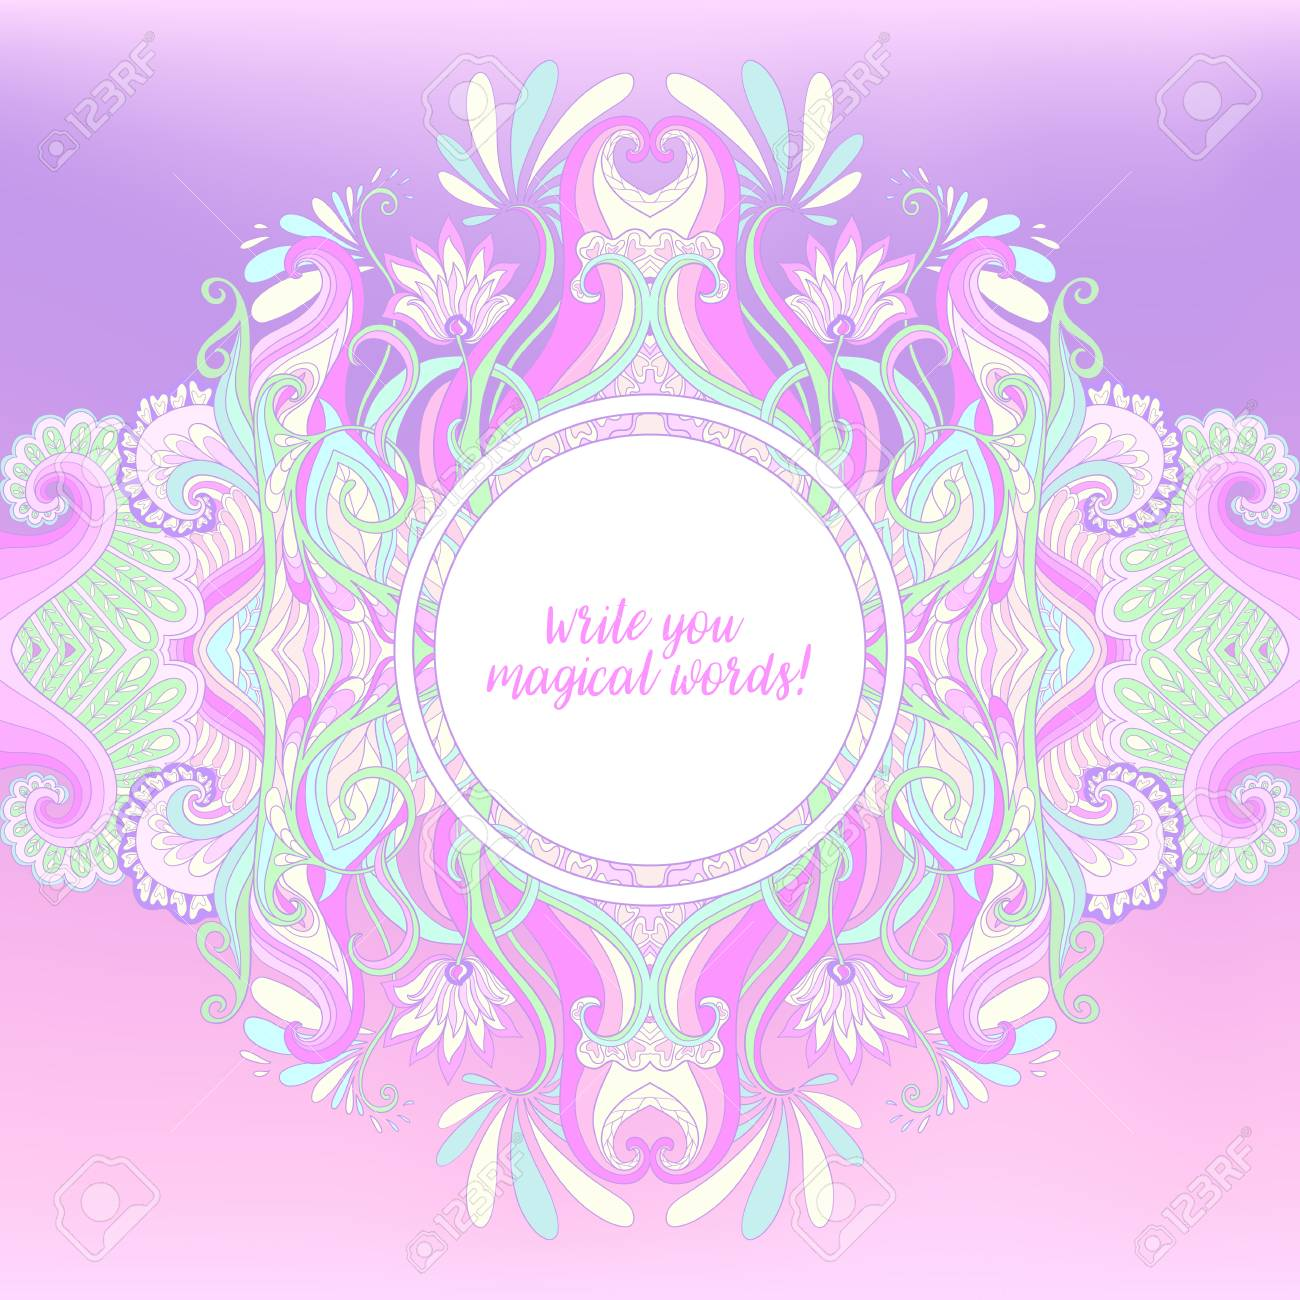 Invitación O Tarjetas De Felicitación Con Espacio Para Texto Hermosas Postales De Lujo En Colores Pastel Bueno Para Cumpleaños Invitación O Banner